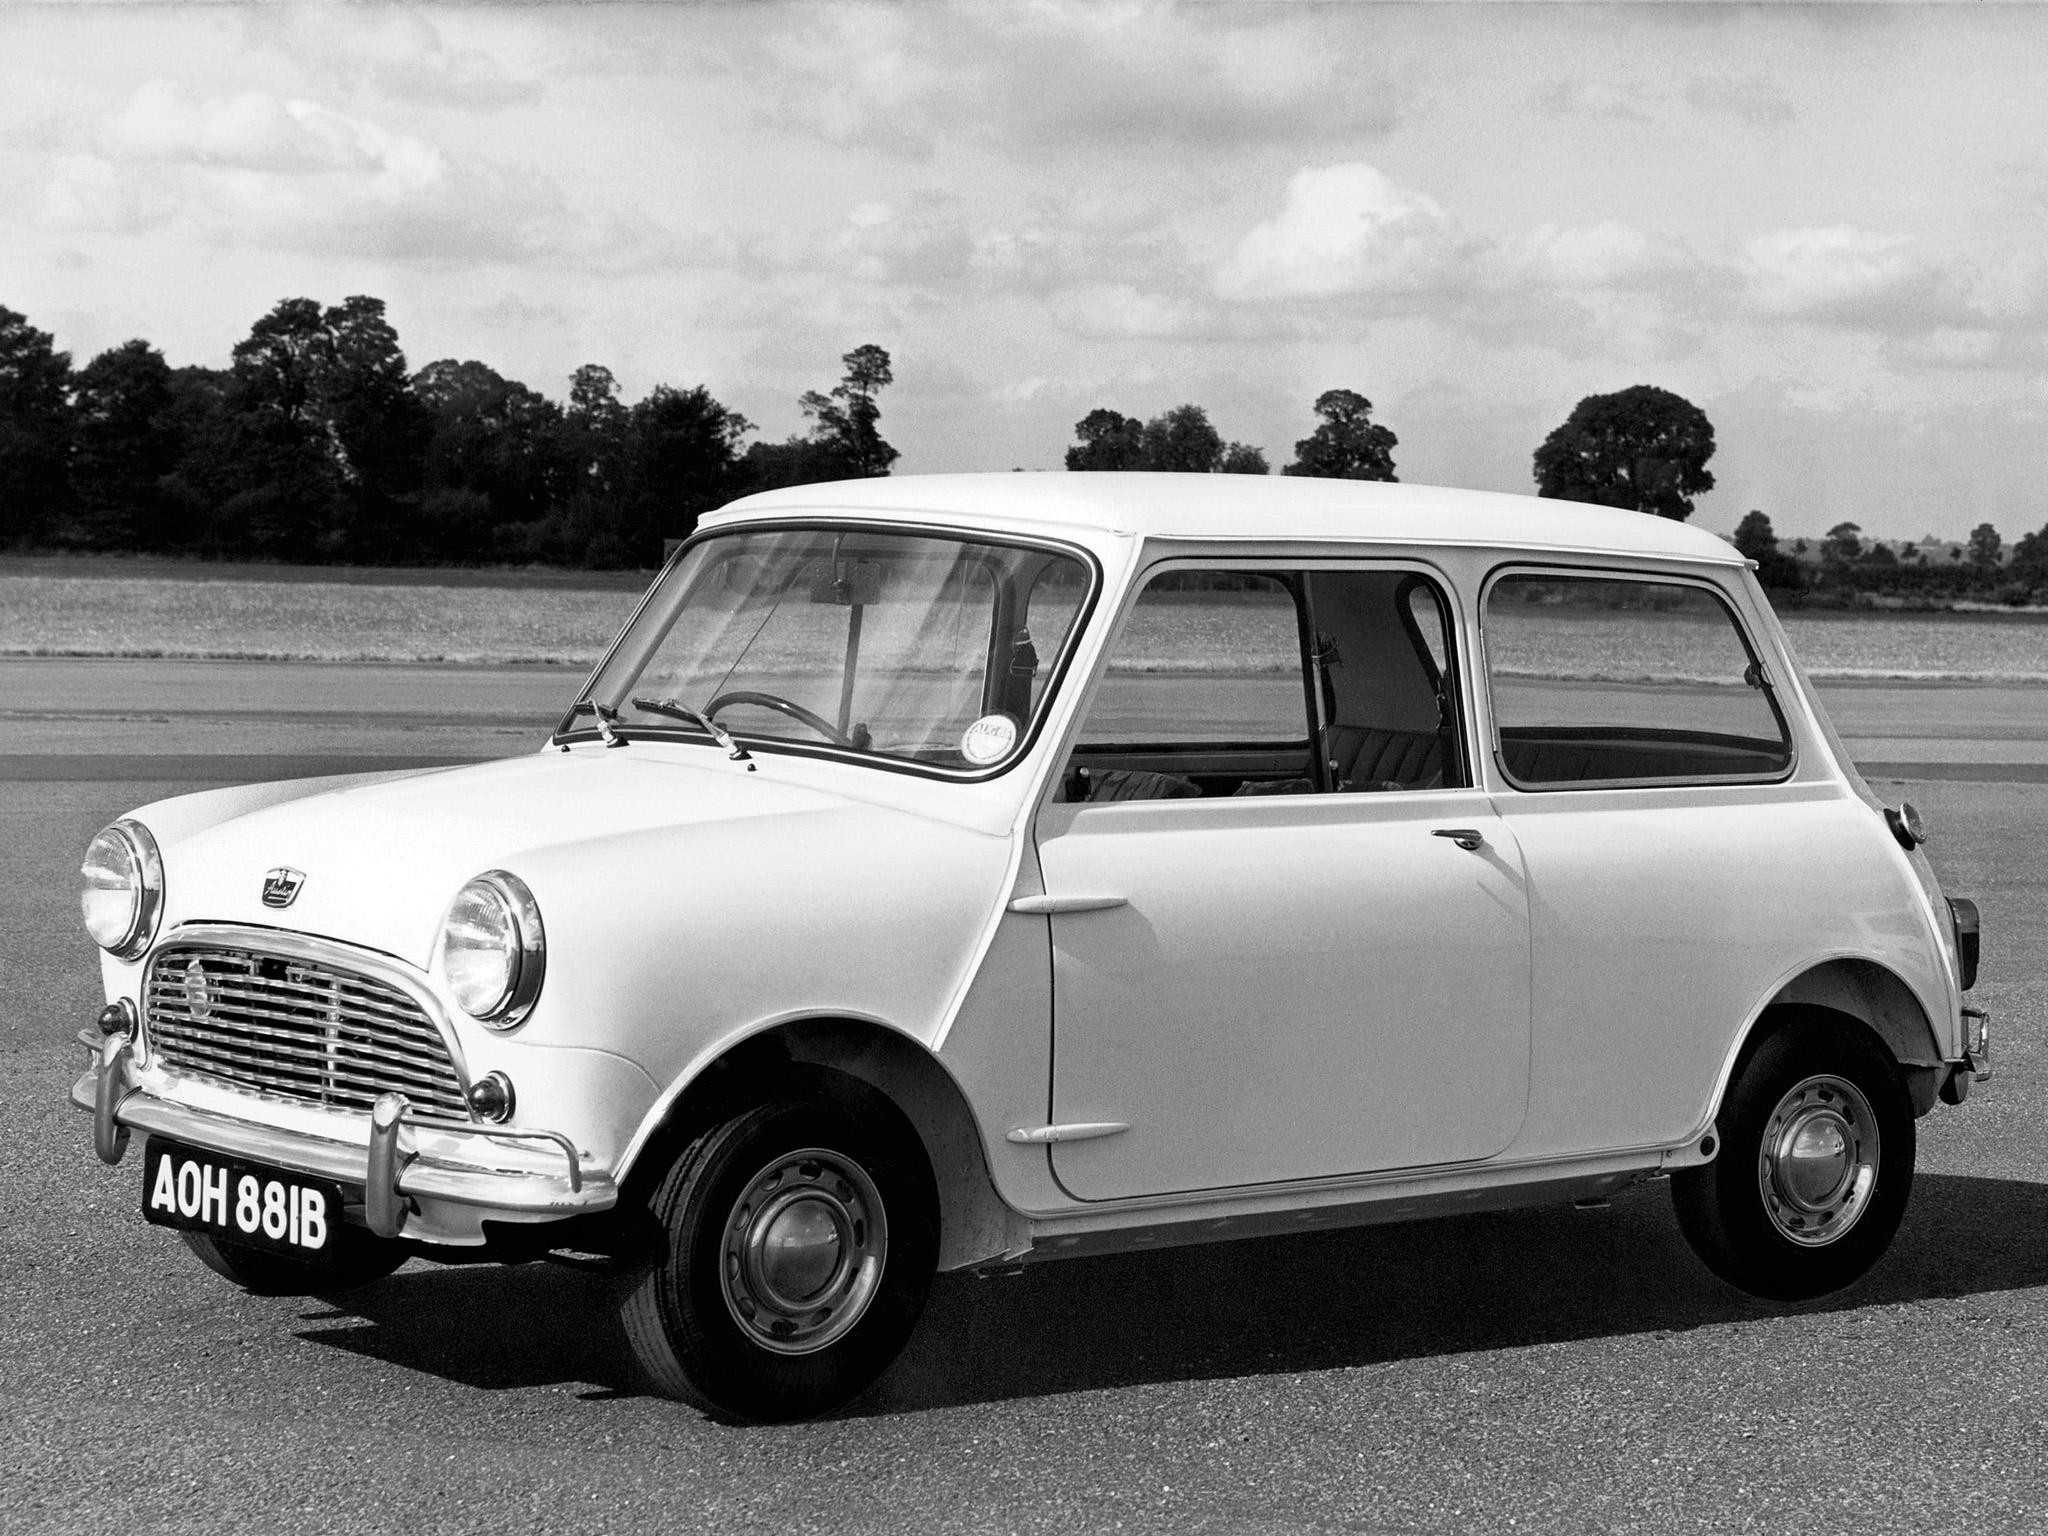 Modelo 2016 carrega quase 60 anos da história do Mini, passando por seu nascimento na Inglaterra como um city car, até se tornar um ícone cultural.